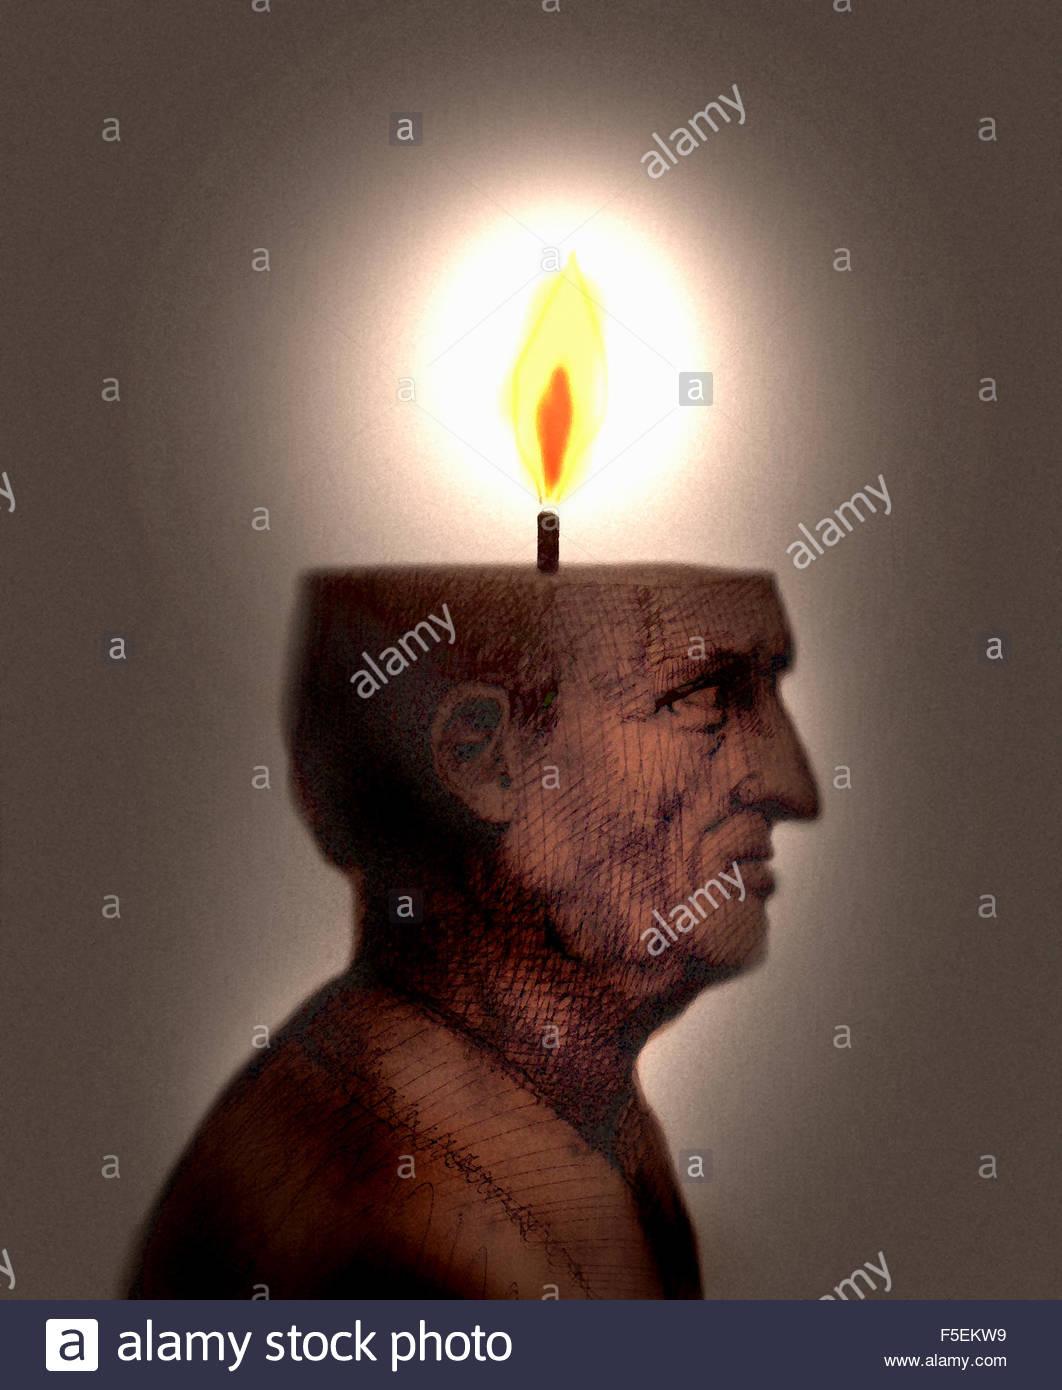 Anciano con velas encendidas en el interior de la cabeza Imagen De Stock